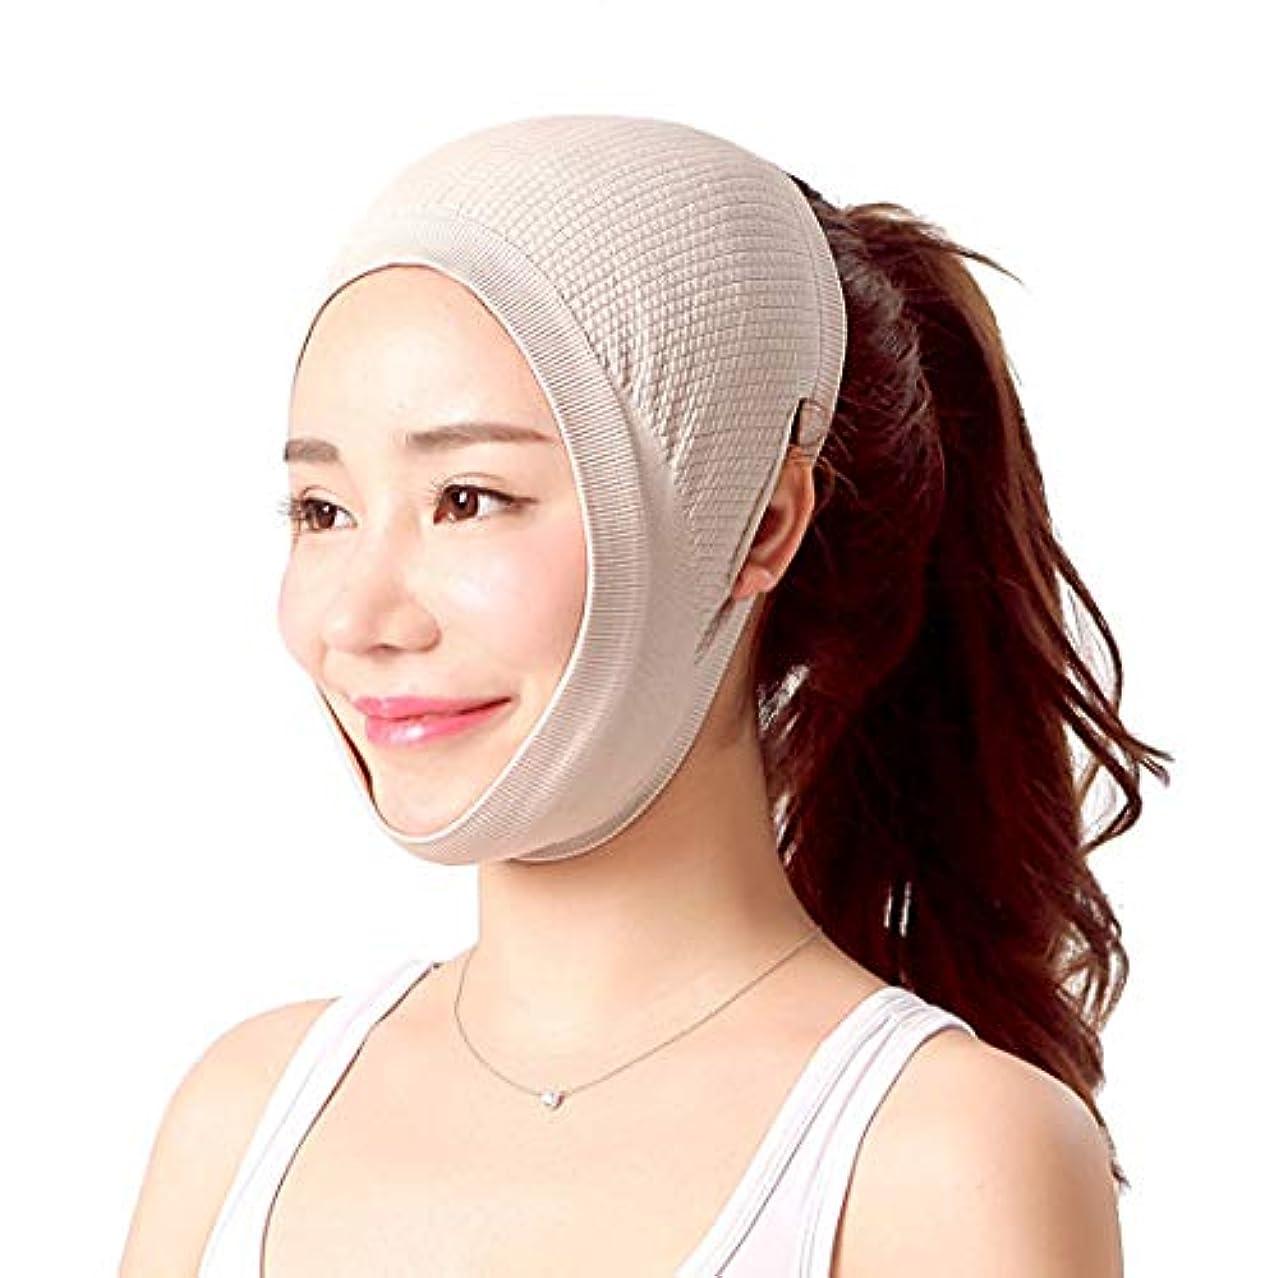 委員長インタフェース先祖ZWBD フェイスマスク, 減量の包帯を取除くために皮の包帯、二重あごをきつく締めるための顔の包帯が付いている顔の減量のマスクは調節することができます